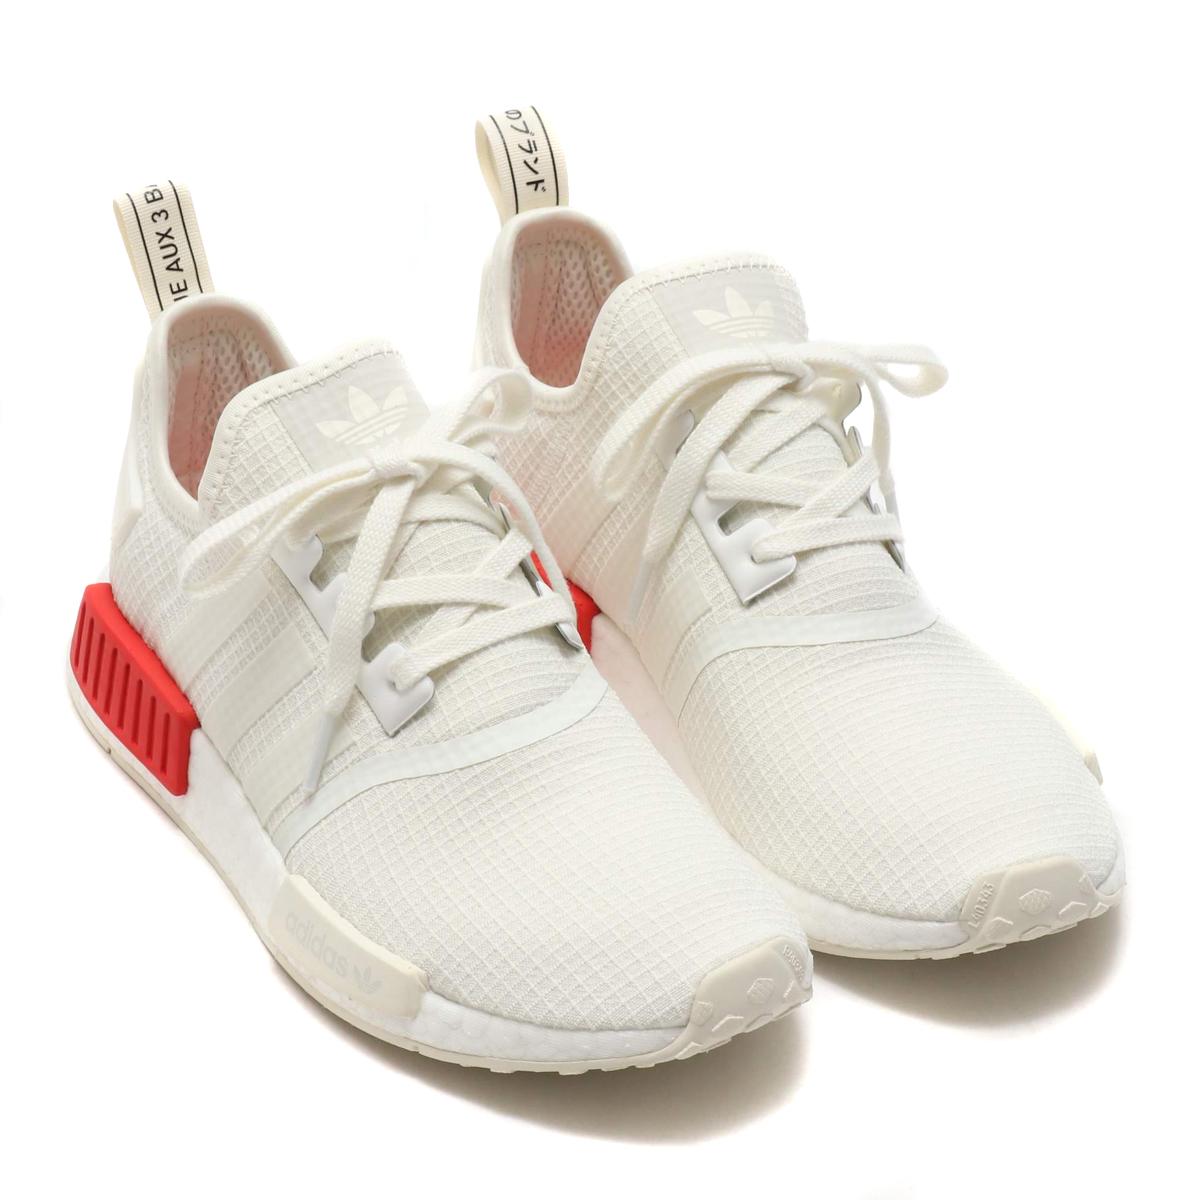 promo code 37e75 f7f3d adidas NMD_R1 (Adidas N M D R1) off-white / off-white / rush red 18FW-I